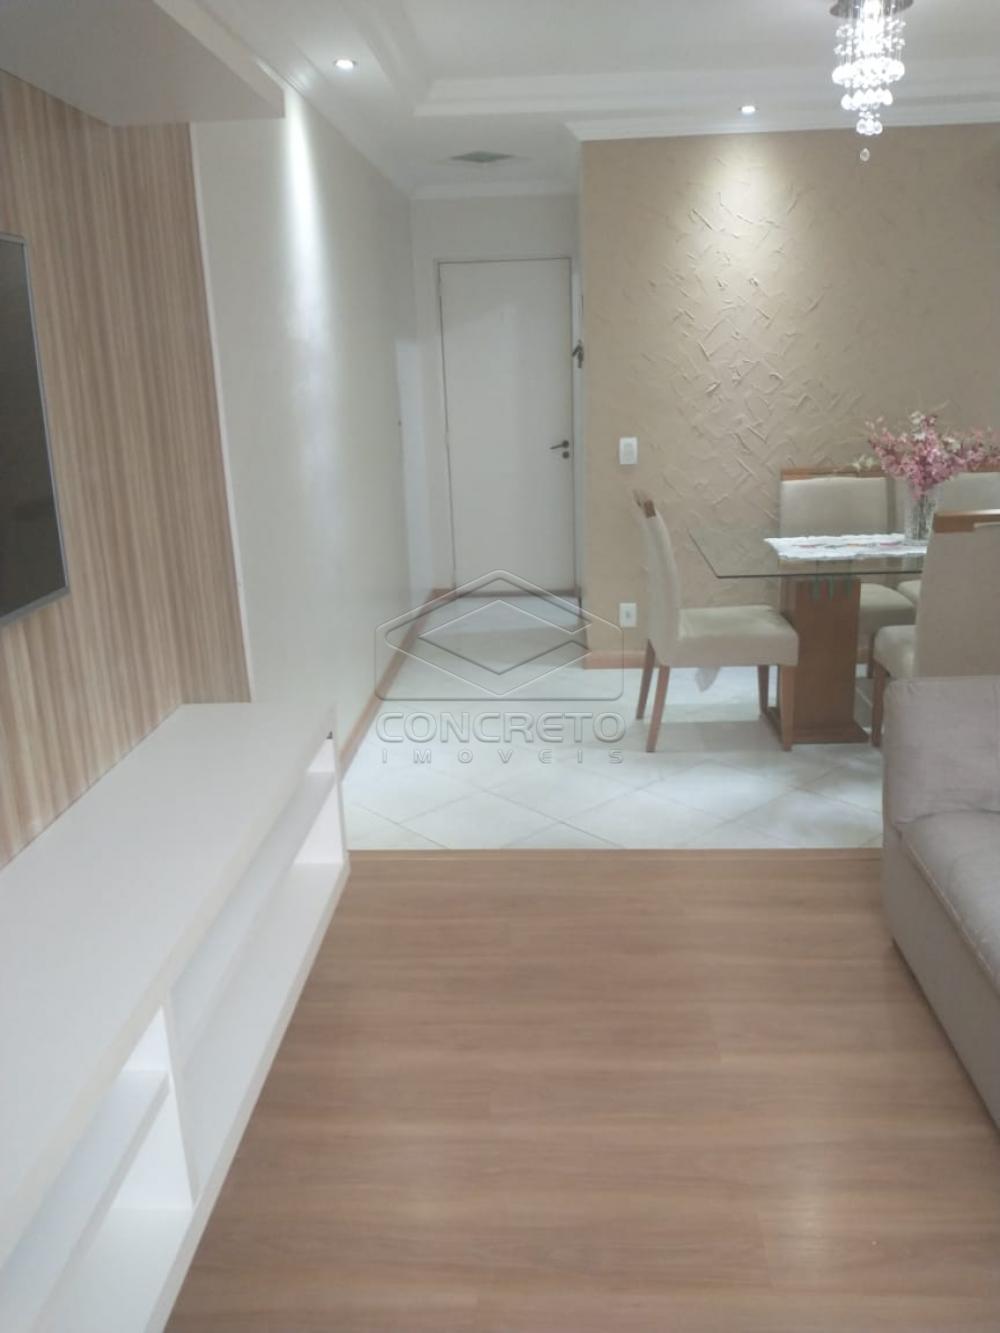 Comprar Apartamento / Padrão em Bauru R$ 230.000,00 - Foto 19